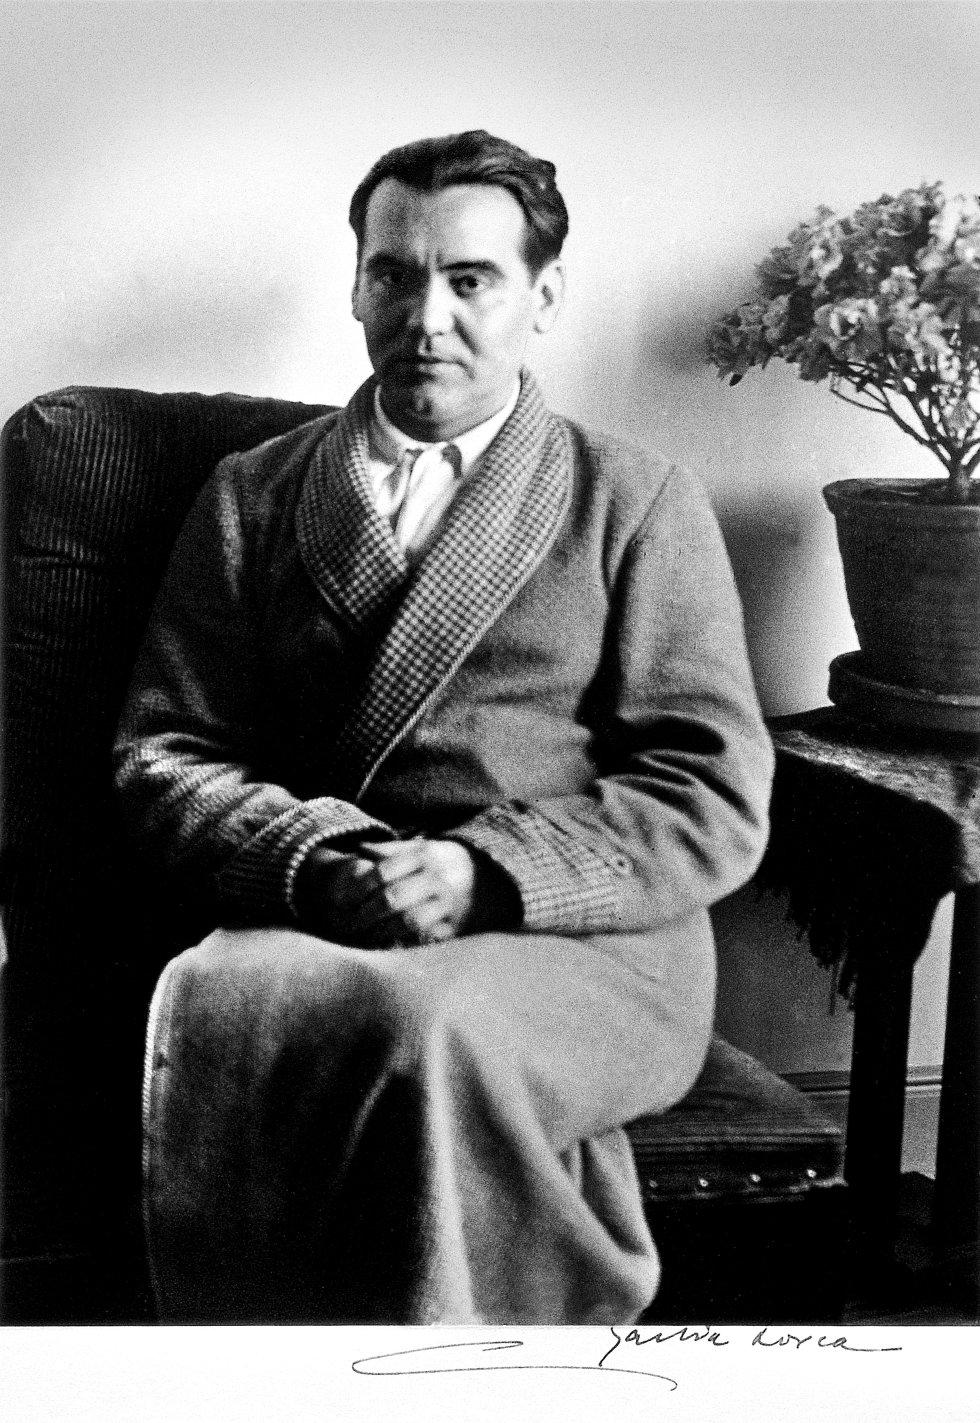 Posando en el salón de su casa para el fotógrafo Alfonso Sánchez Portela durante una entrevista en 1930. Aquel año la compañía Caracolestrenó 'La zapatera prodigiosa' con Margarita Xirgu, en el teatro Español de Madrid y Lorca realizó la lectura de su primer obra surrealista 'El público'.